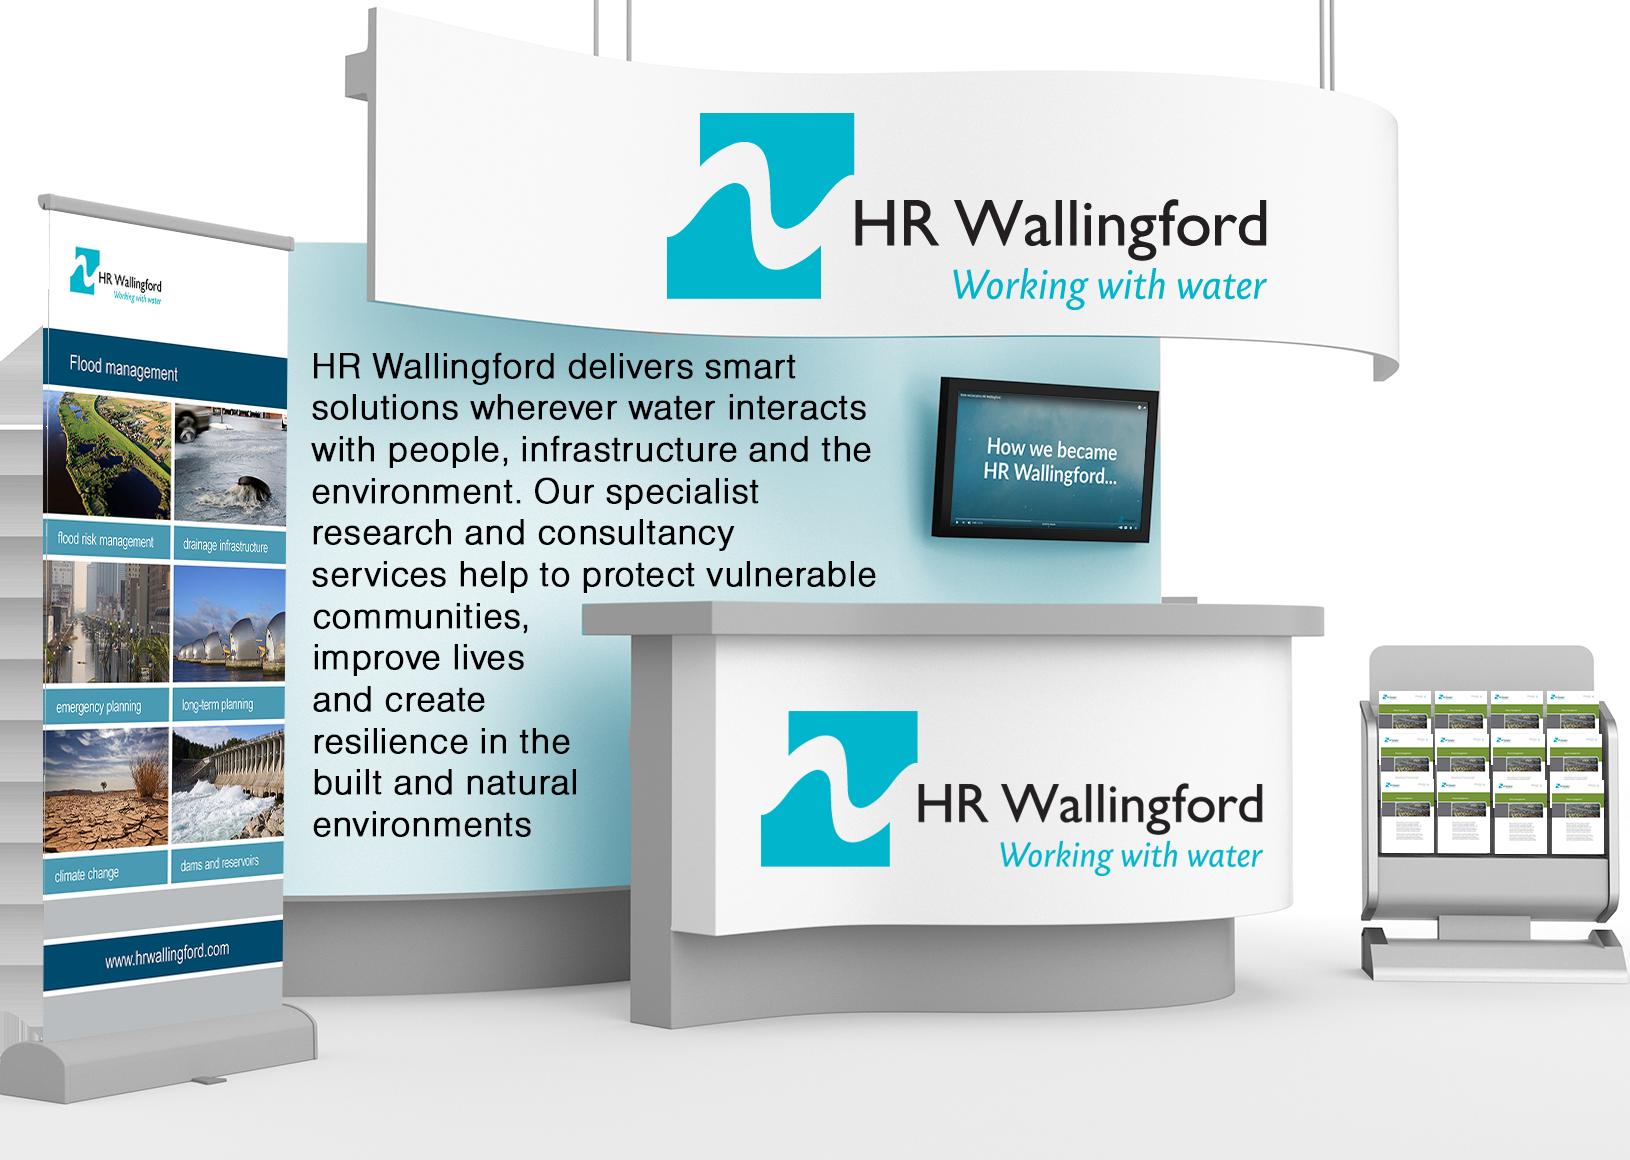 HR Wallingford Ltd